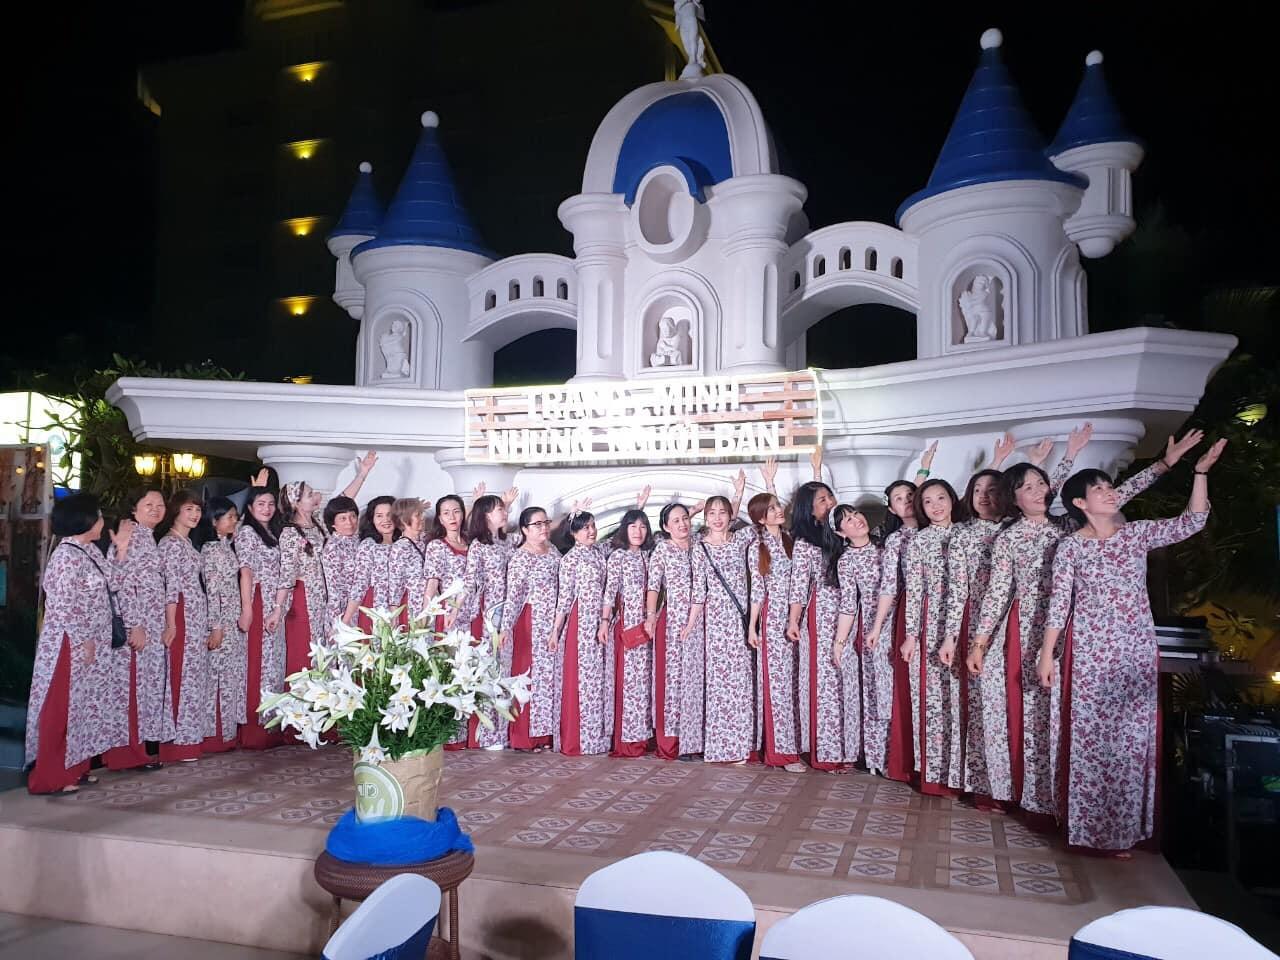 Tổng giám đốc Lê Thị Hảo chụp cùng các khách hàng nữ tại đêm gala